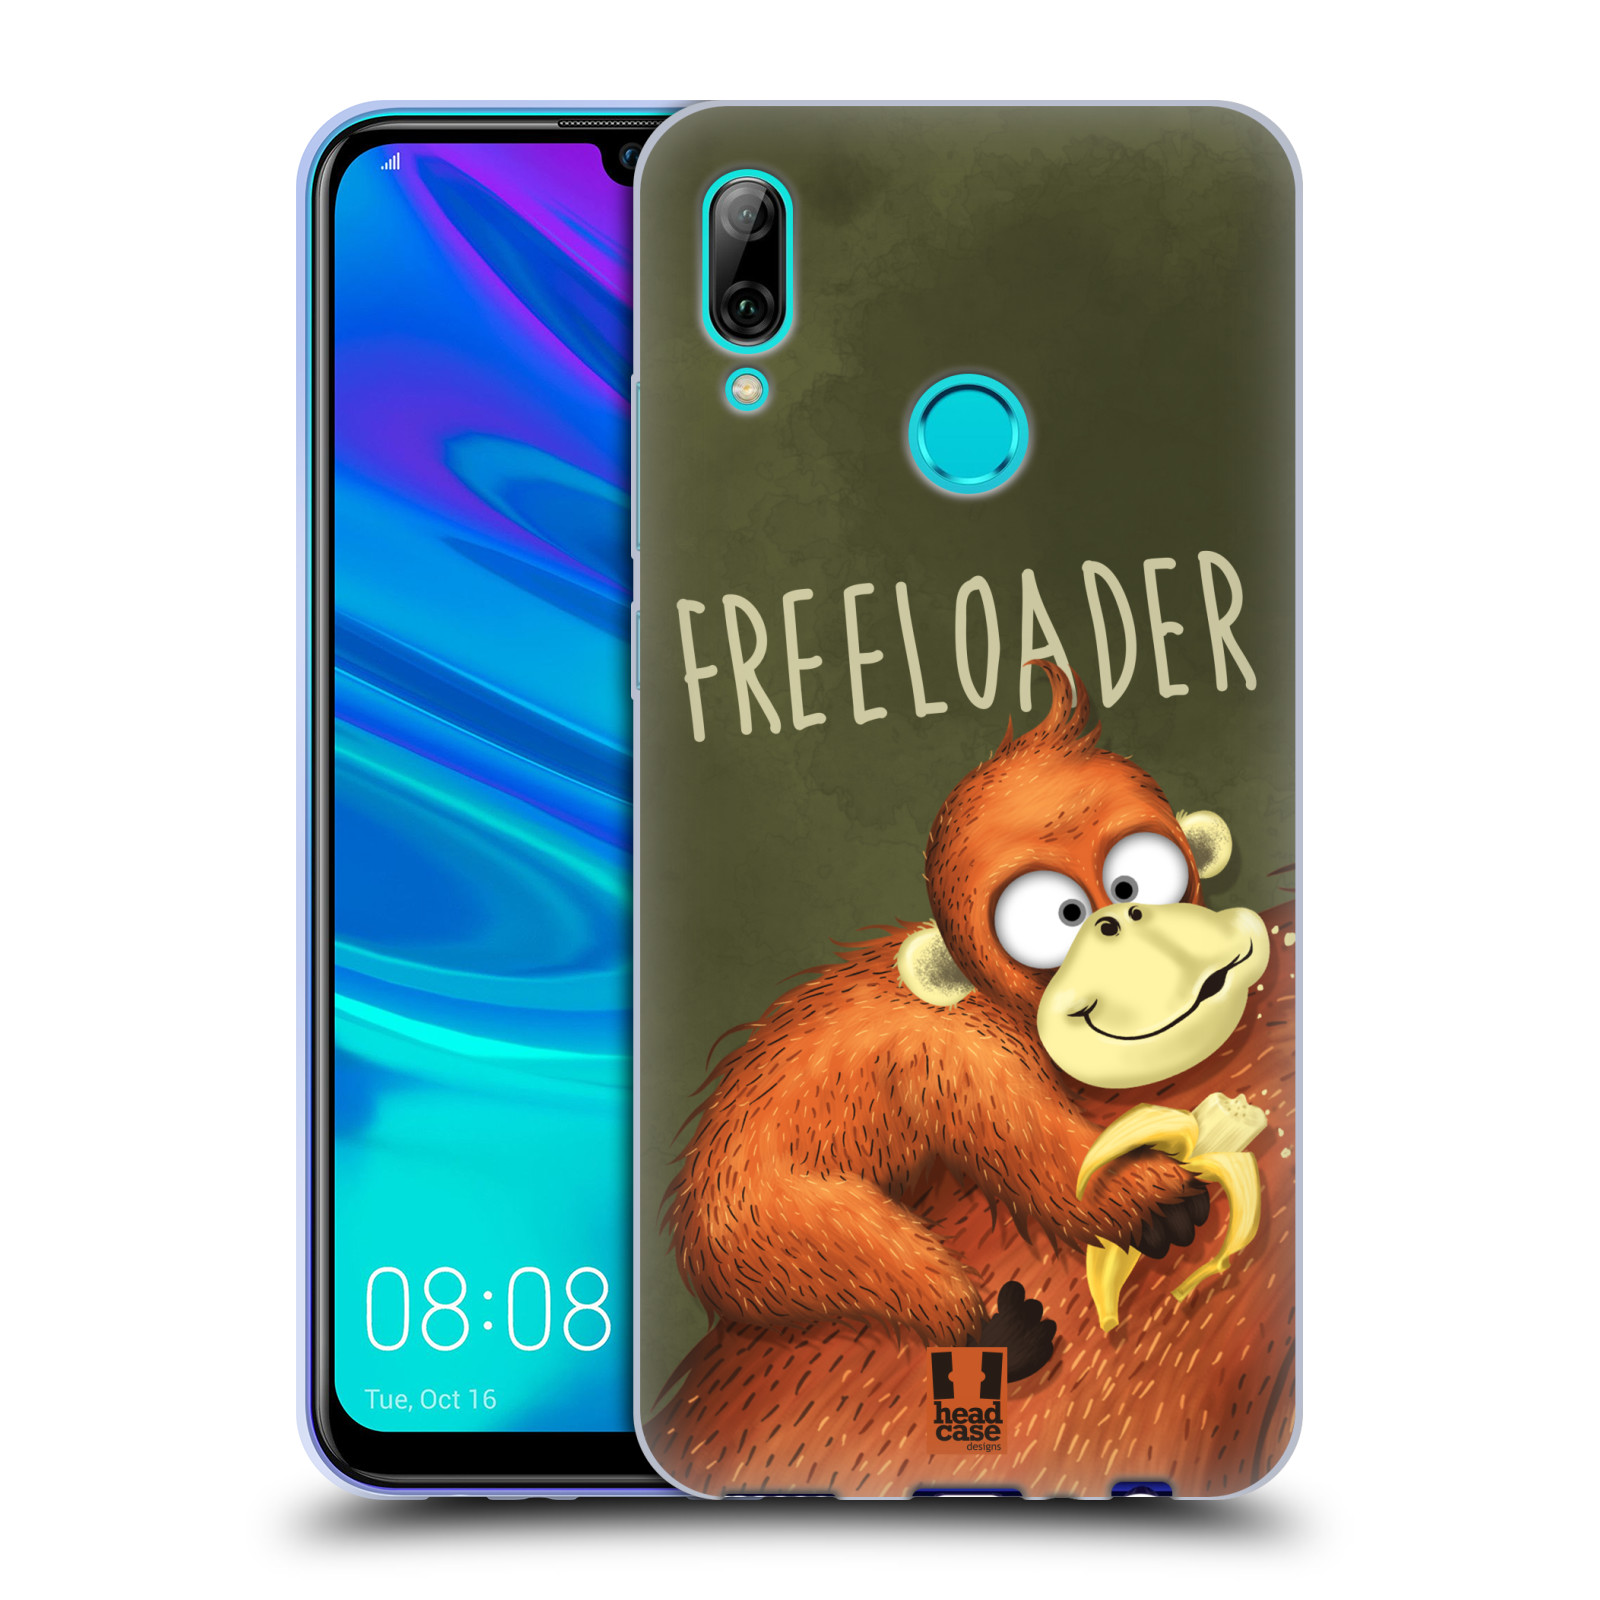 Silikonové pouzdro na mobil Huawei P Smart (2019) - Head Case - Opičák Freeloader